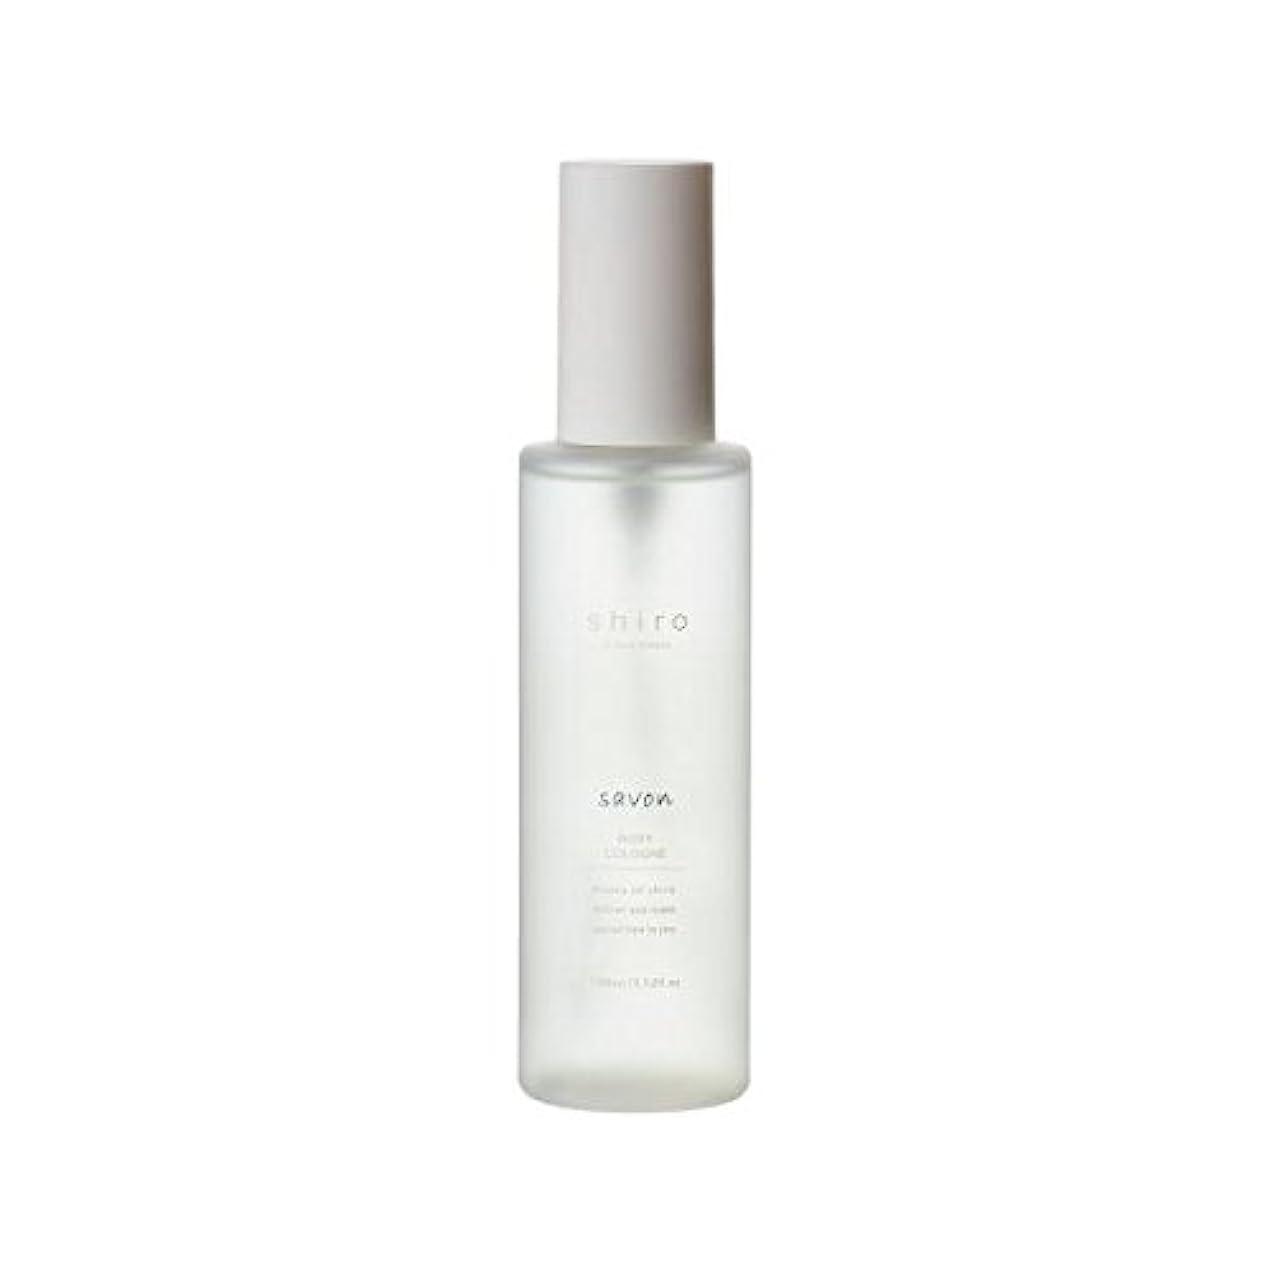 階下悲観的役立つshiro サボン ボディコロン 100ml 清潔で透明感のある自然な石けんの香り ミスト シロ